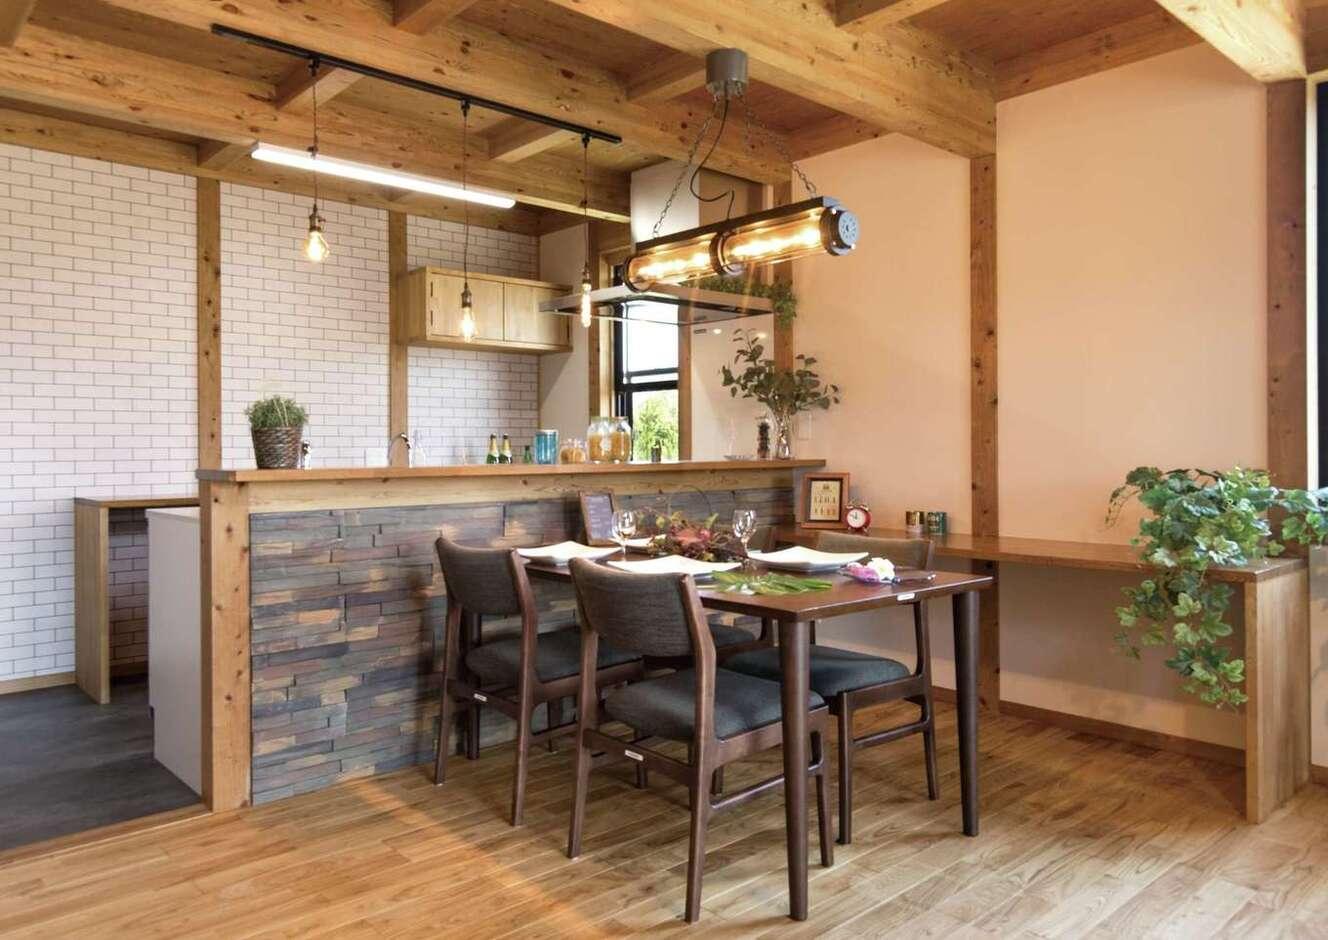 サイエンスホーム甲府店・笛吹店【1000万円台、デザイン住宅、省エネ】カフェスタイルのオープンキッチンは奥さまのこだわりで、照明もおしゃれ。目の届く場所にスタディコーナーを造作した